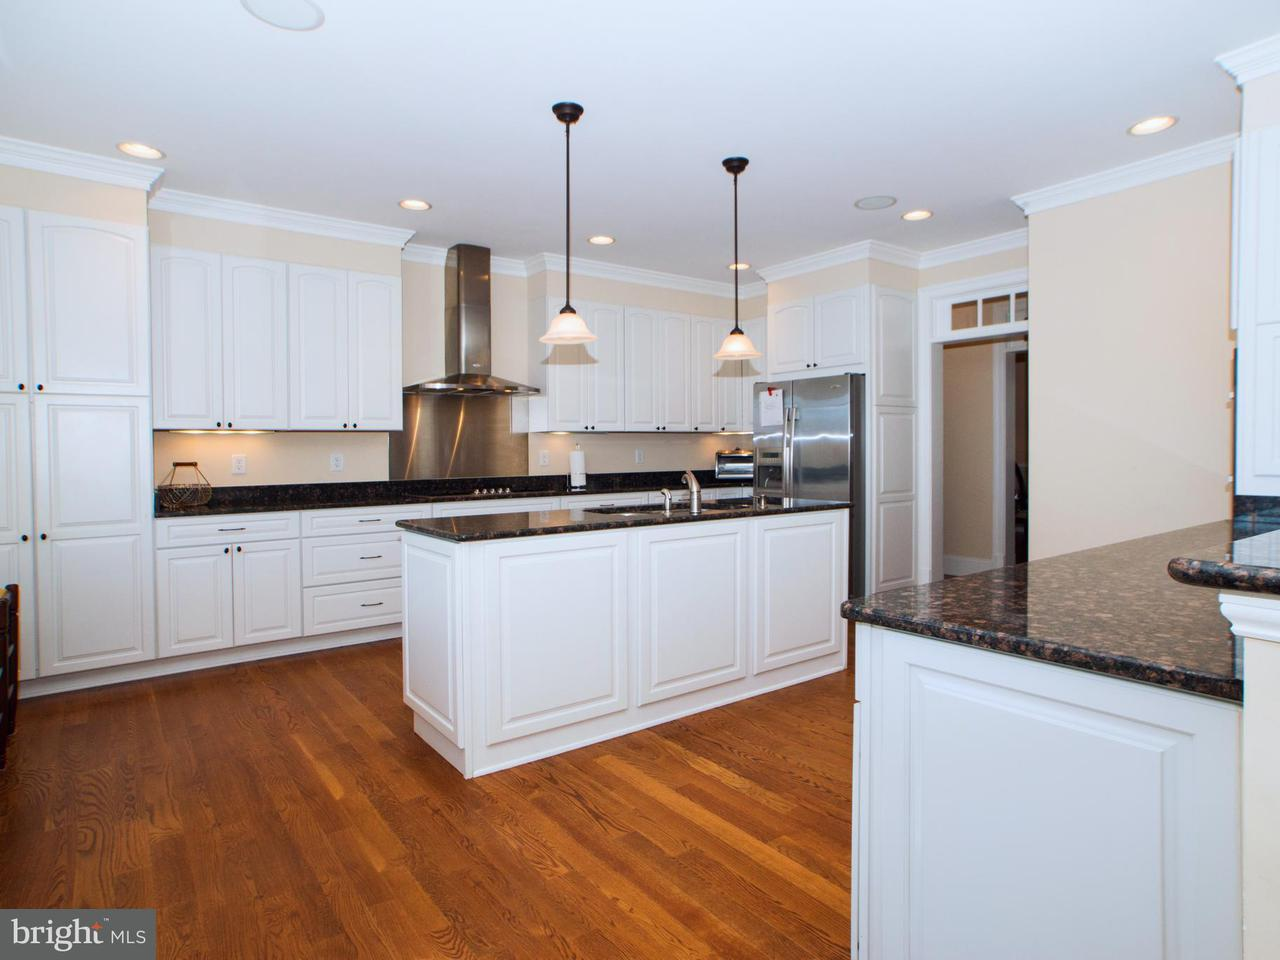 独户住宅 为 销售 在 568 ARK Avenue 568 ARK Avenue Bumpass, 弗吉尼亚州 23024 美国